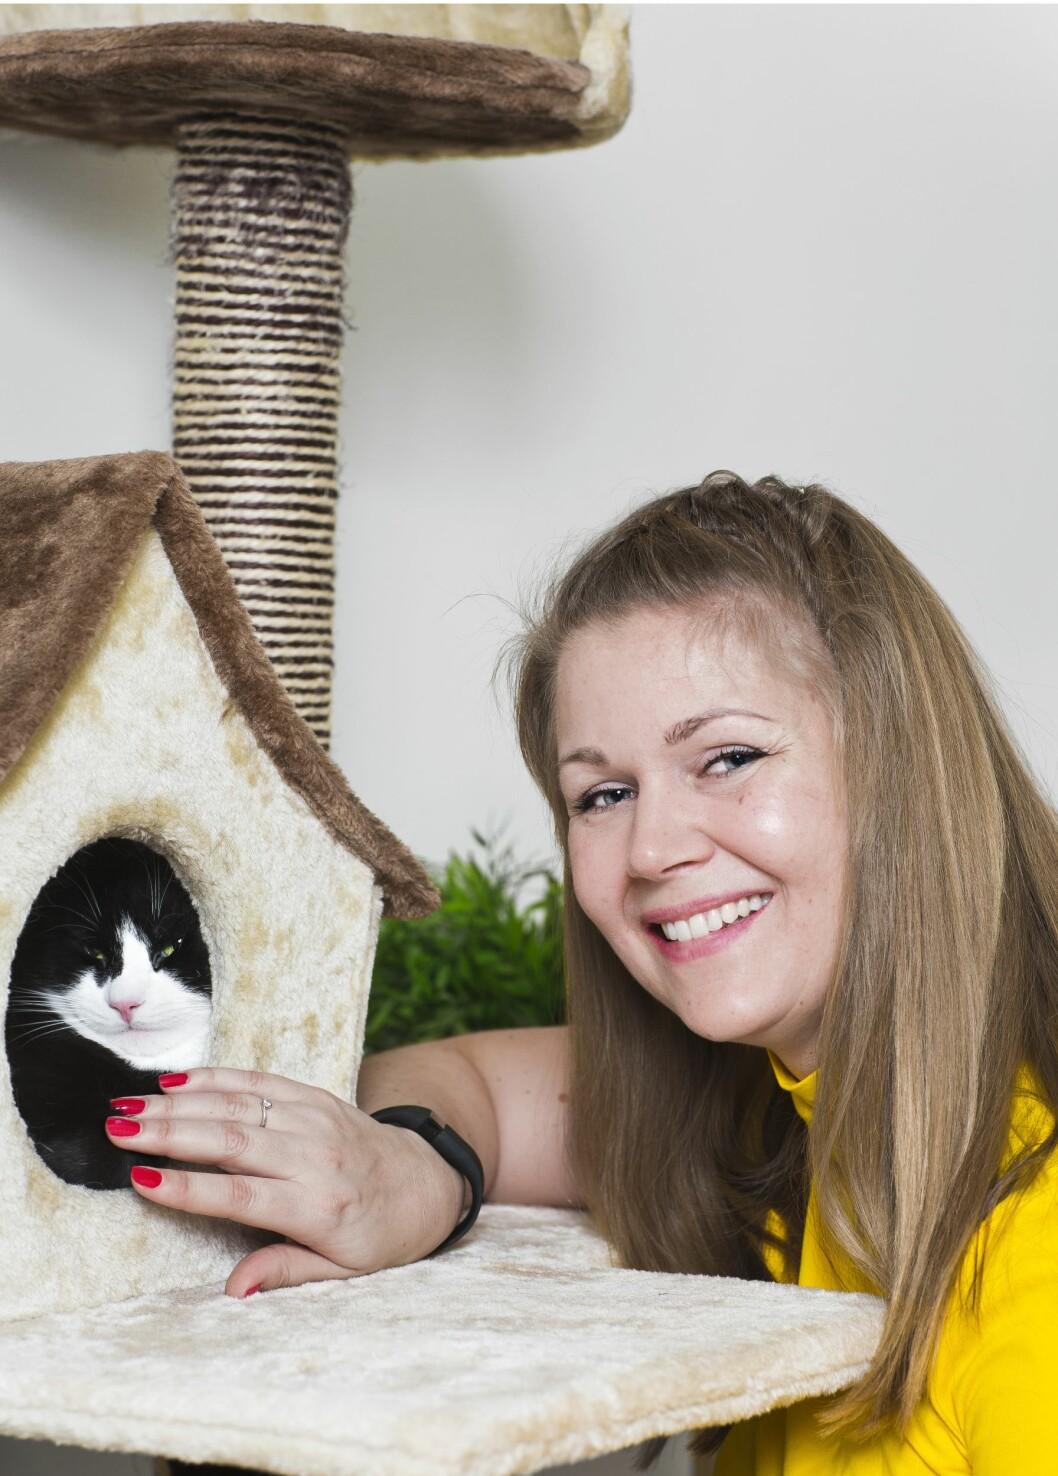 KATTEHUS: Da Selmer flyttet inn, var kattehuset snart på plass.  – Der får han godt overblikk, og han kan kvesse klørne, sånn at han ikke går løs på sofaen, sier matmor Mina.  Foto: Astrid Waller